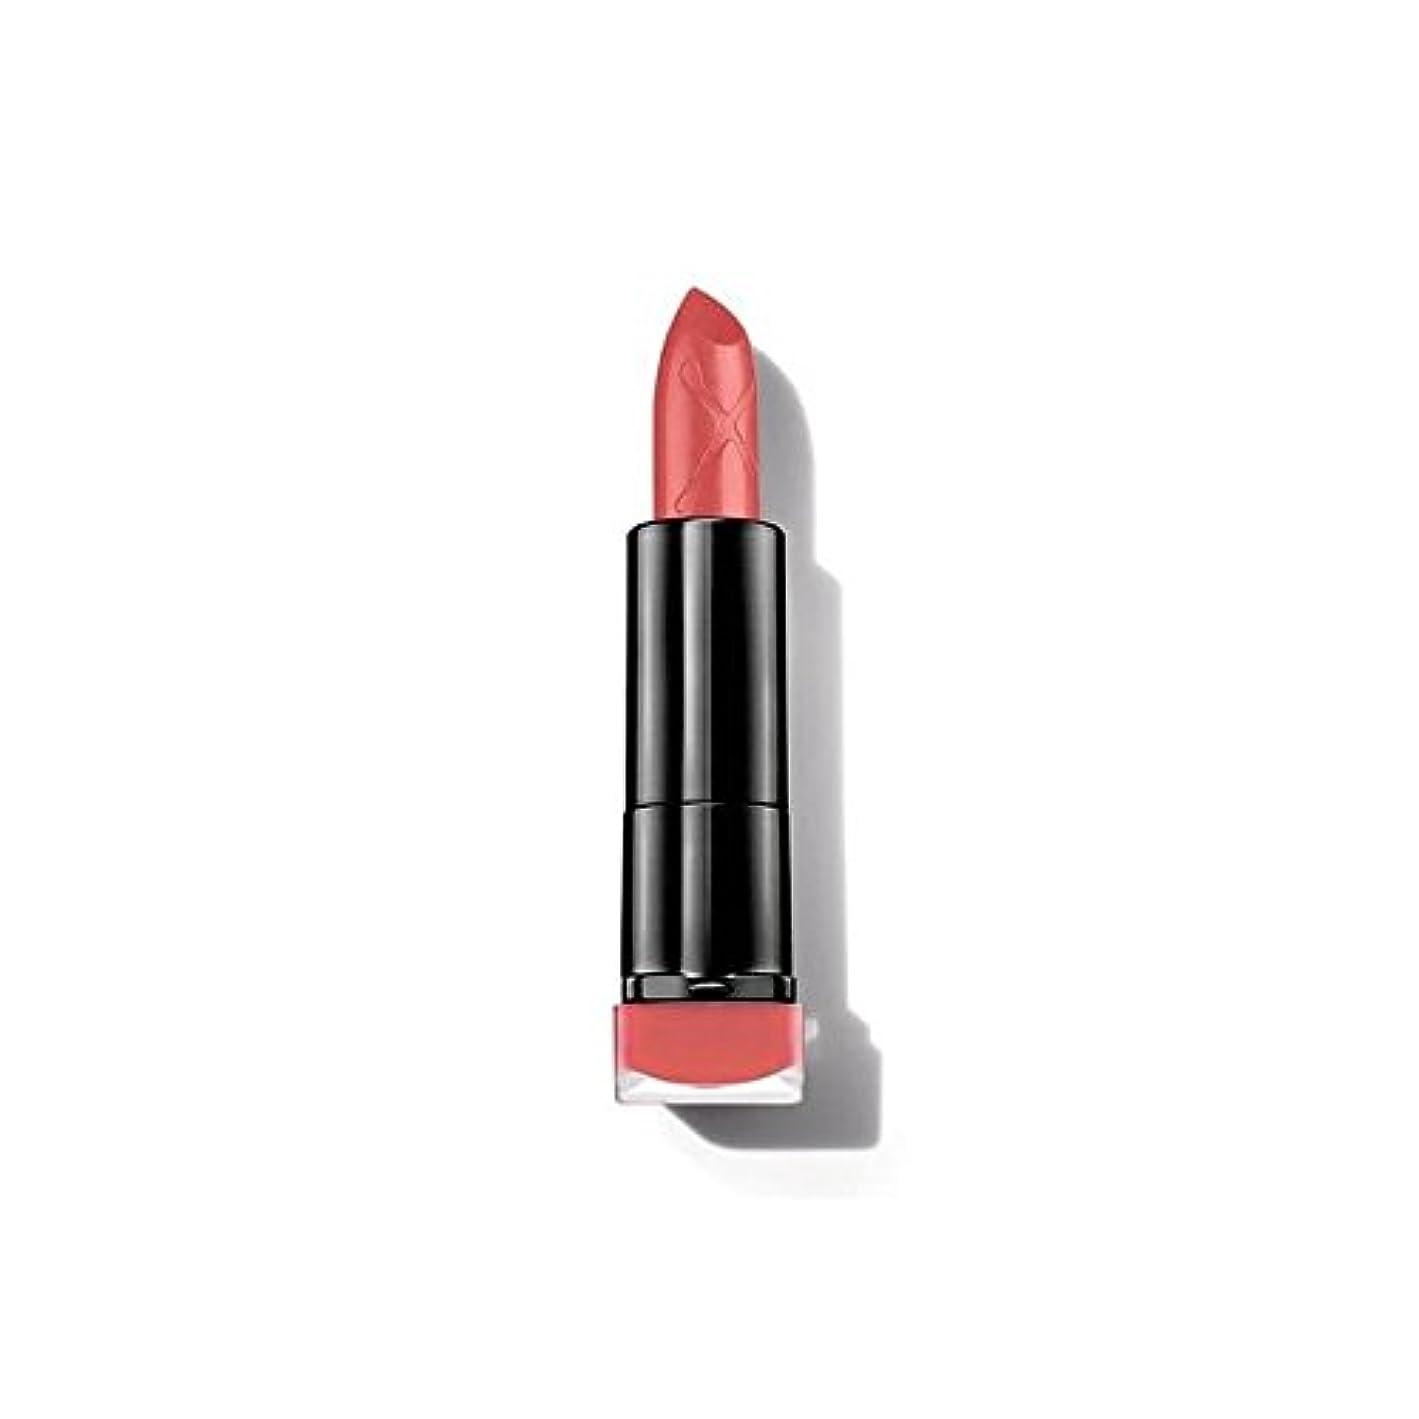 酸っぱい従う癌マックスファクターカラーエリキシルマット弾丸口紅 10 x4 - Max Factor Colour Elixir Matte Bullet Lipstick Sunkiss 10 (Pack of 4) [並行輸入品]